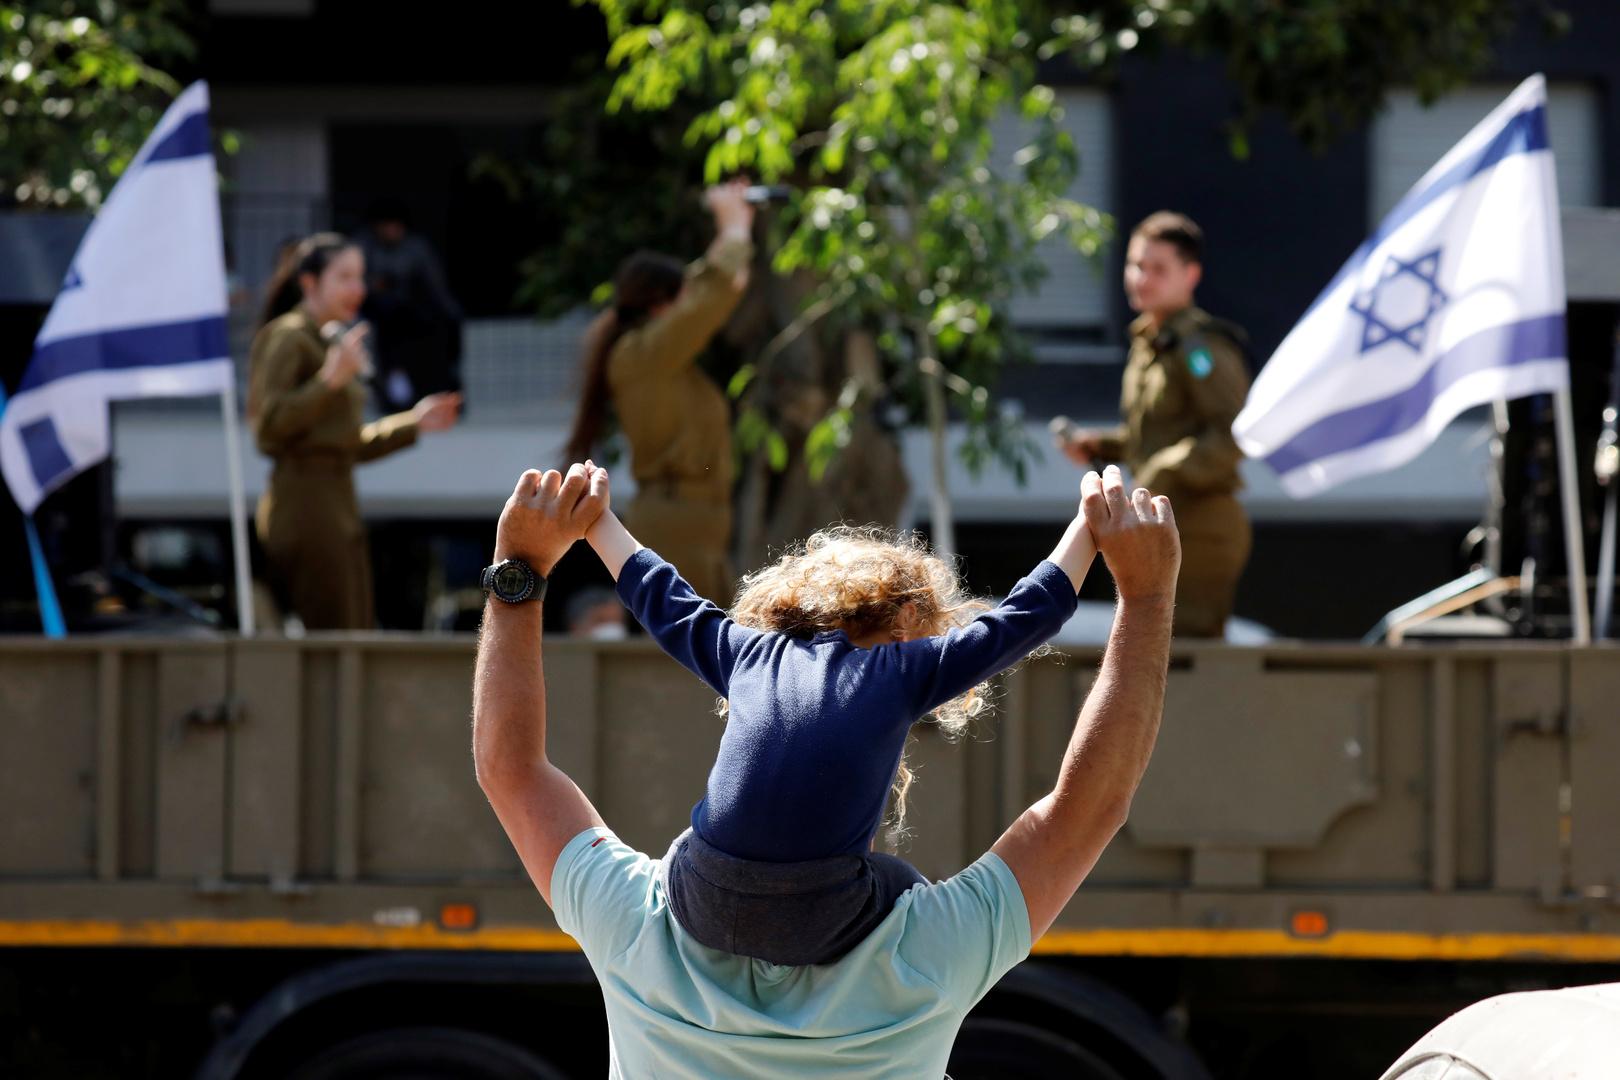 إسرائيل تسترضي اليهود المتدينين بالمساعدات